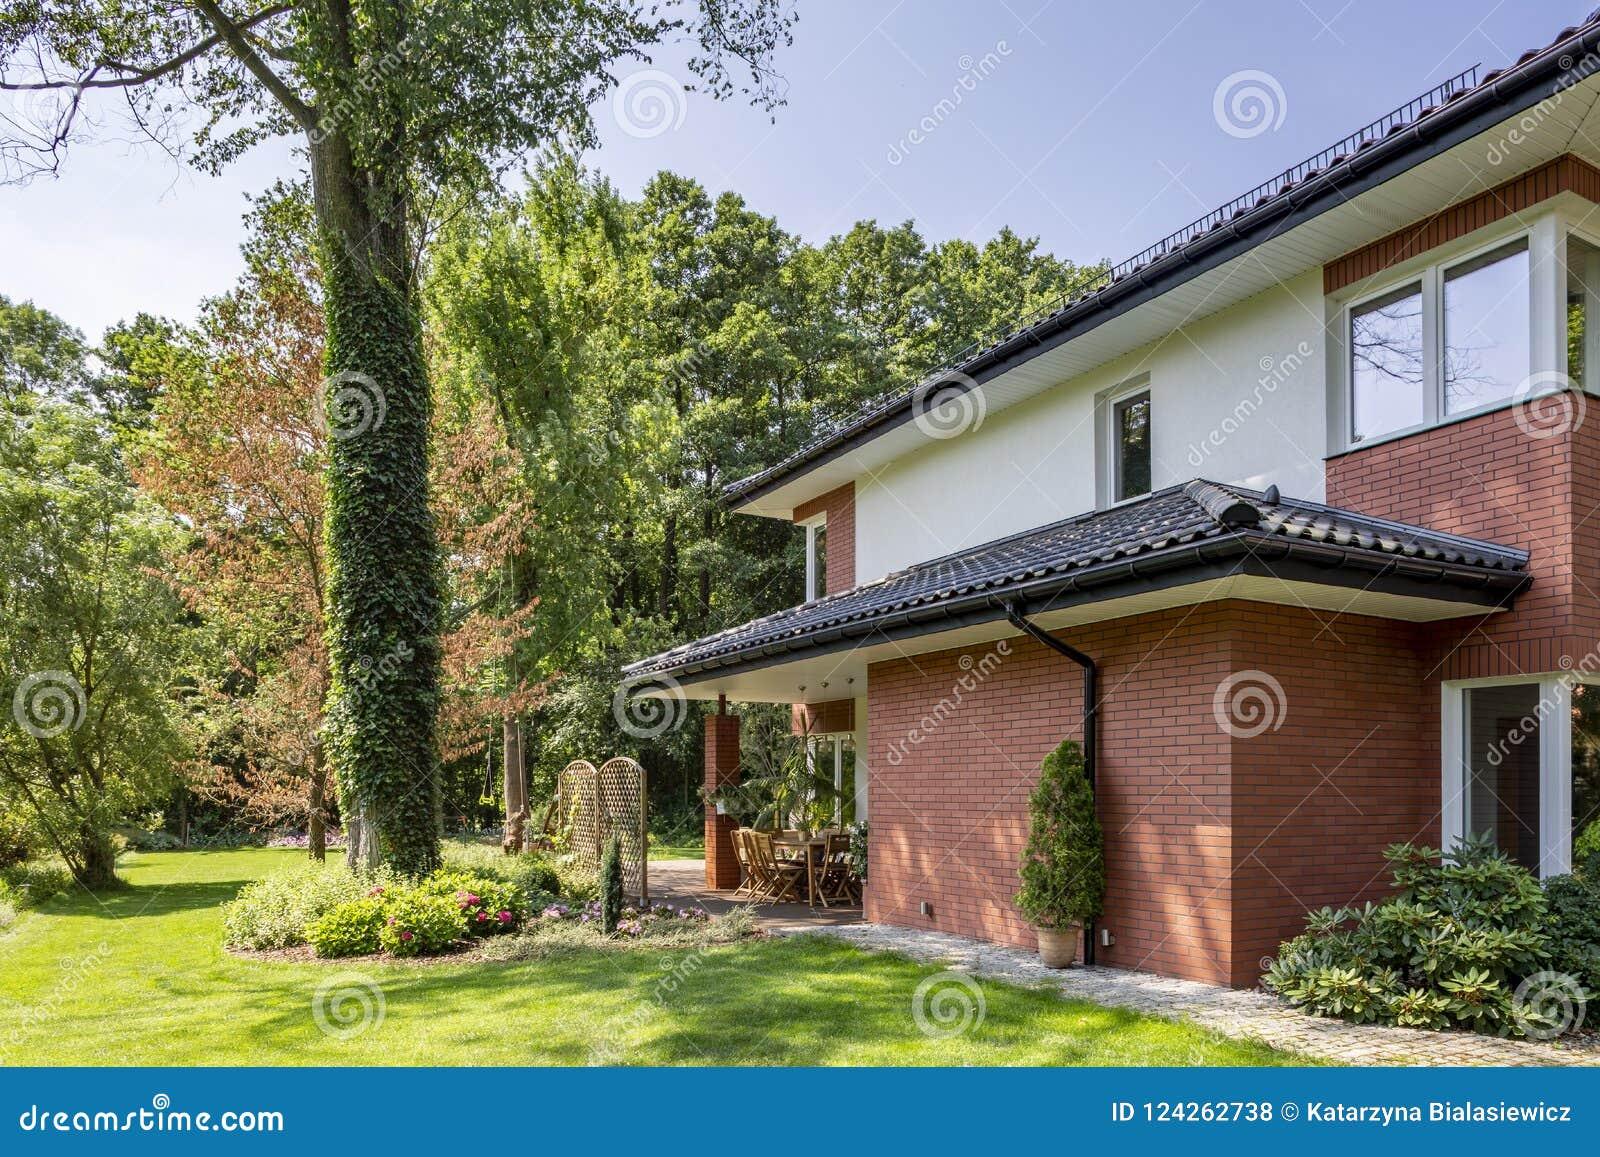 Parede de tijolo vermelho da casa com telhado e janelas